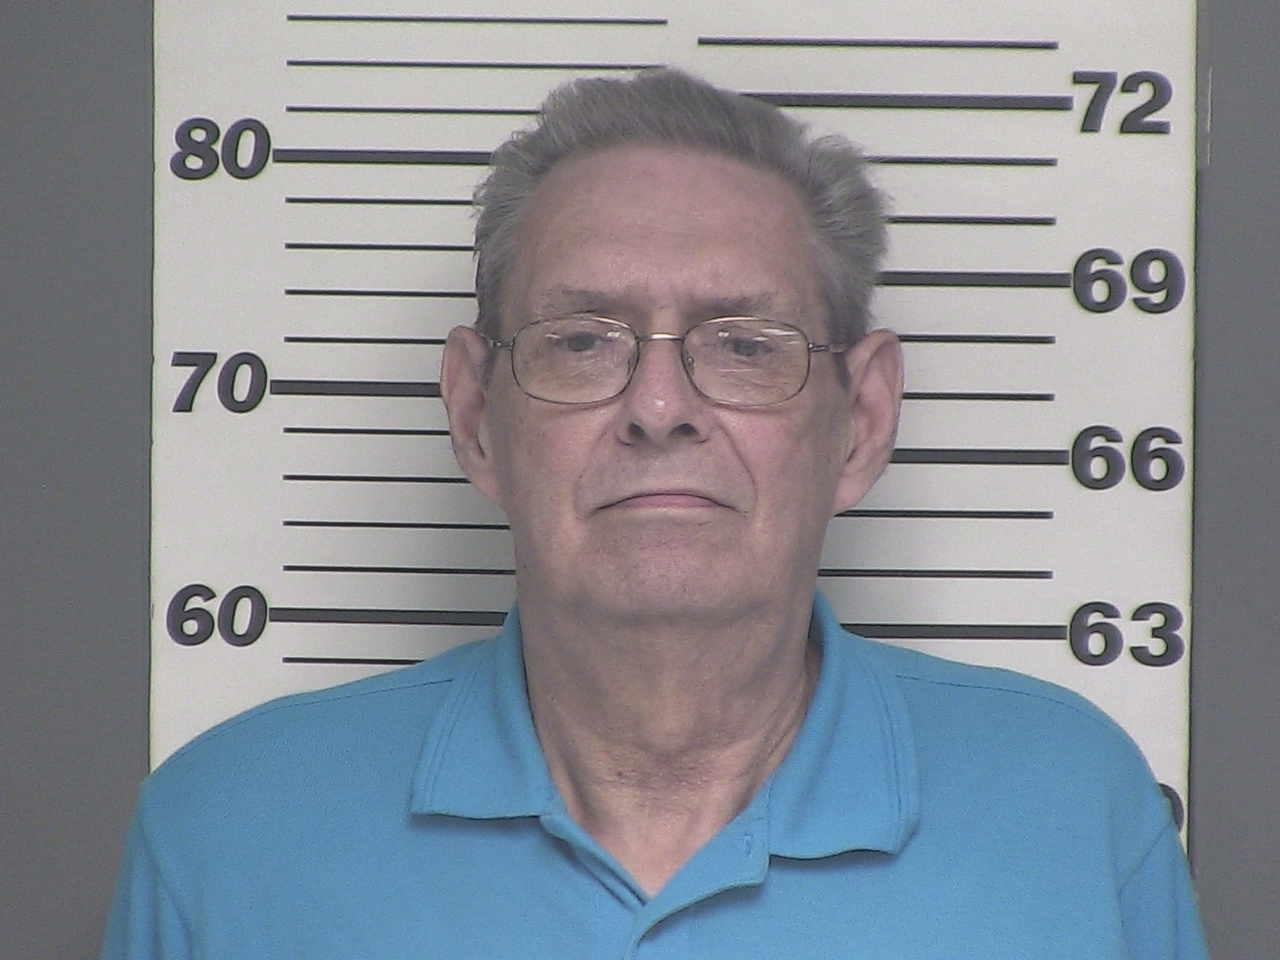 sex offender clayton county walmart